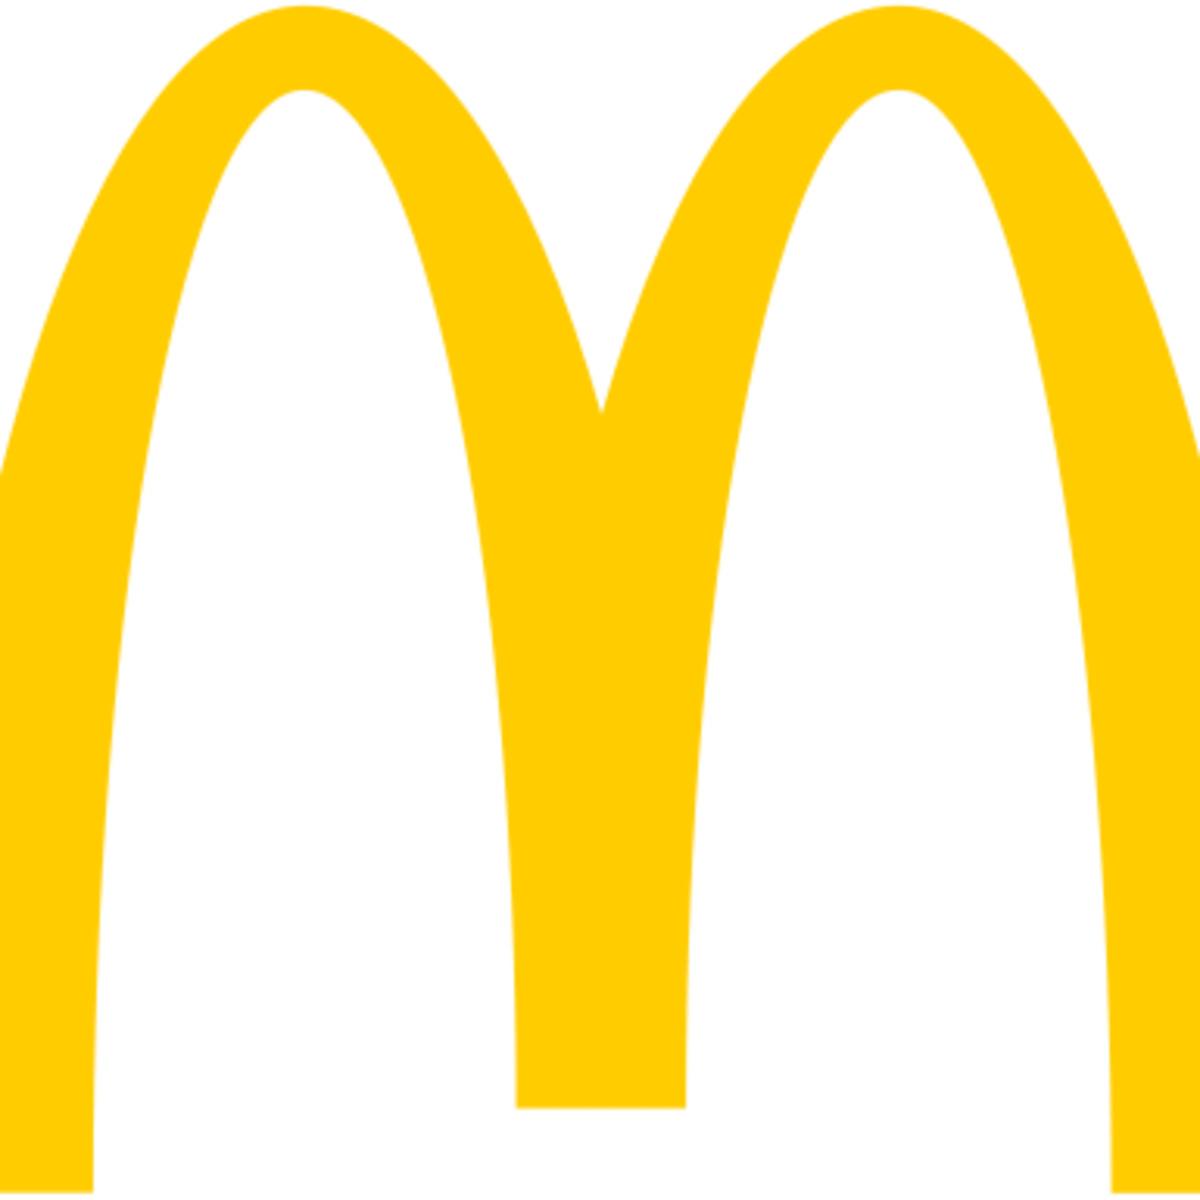 McDonald's Trung Quốc tặng hơn 150 NFT nhân dịp kỷ niệm